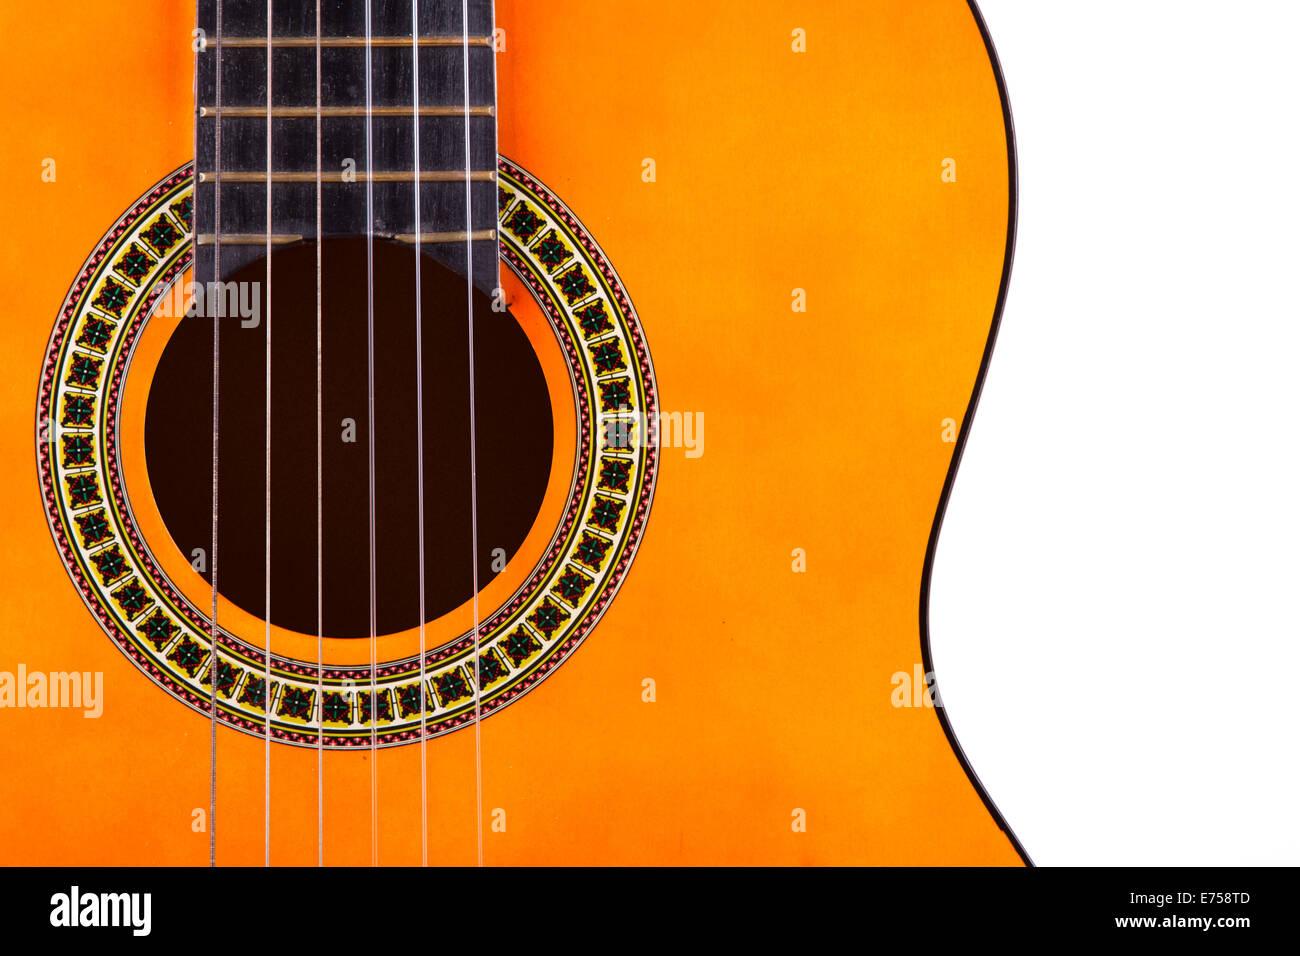 Vorderansicht des hölzernen klassische Akustikgitarre, isoliert auf weißem Hintergrund. Stockfoto